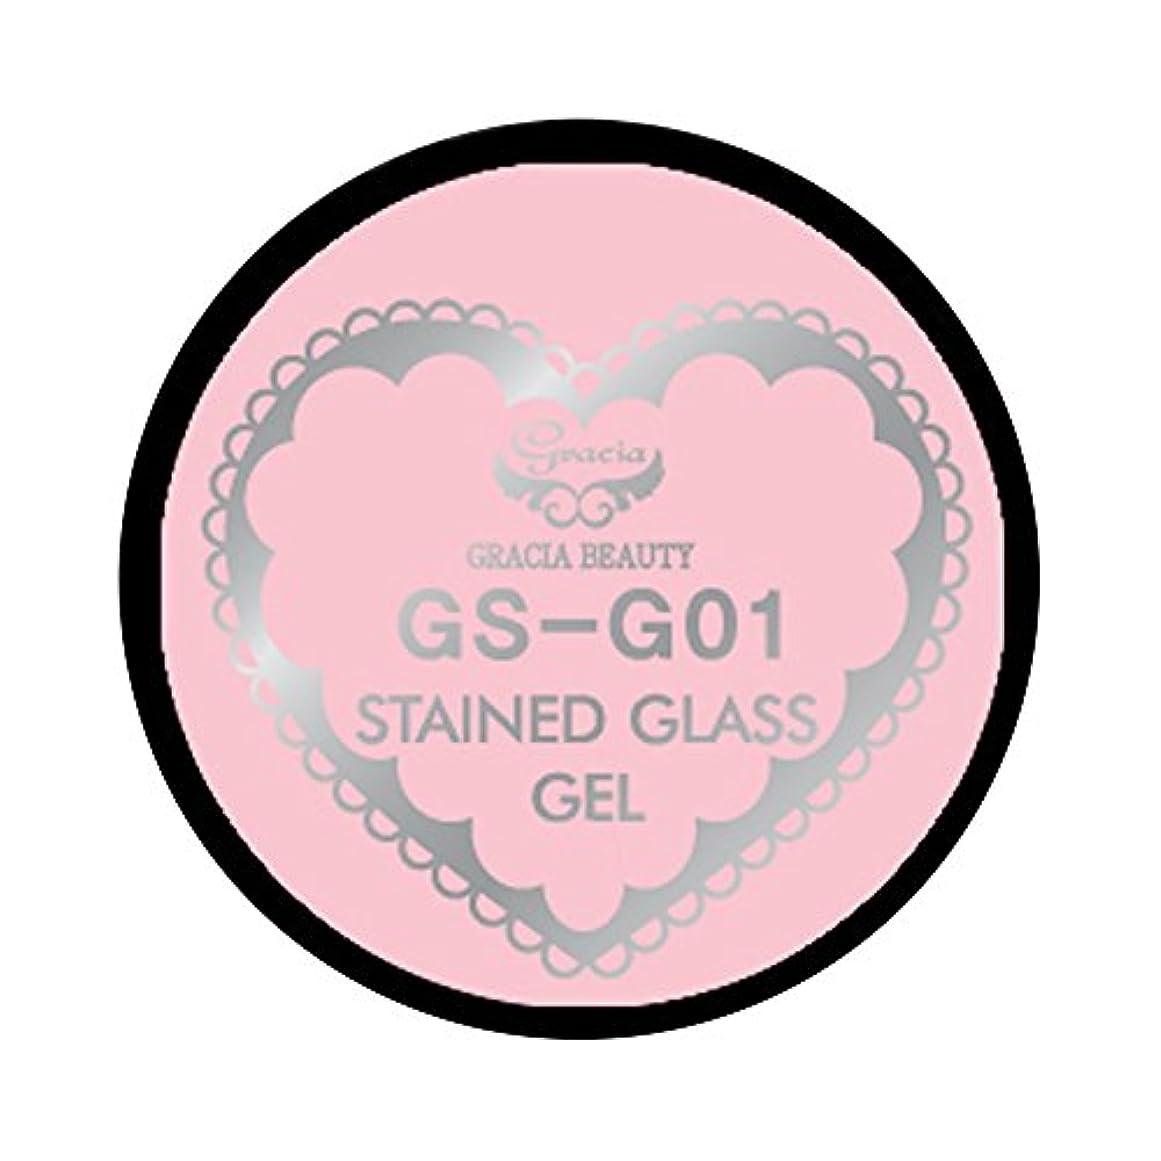 書道休憩する換気するグラシア ジェルネイル ステンドグラスジェル GSM-G01 3g  グリッター UV/LED対応 カラージェル ソークオフジェル ガラスのような透明感